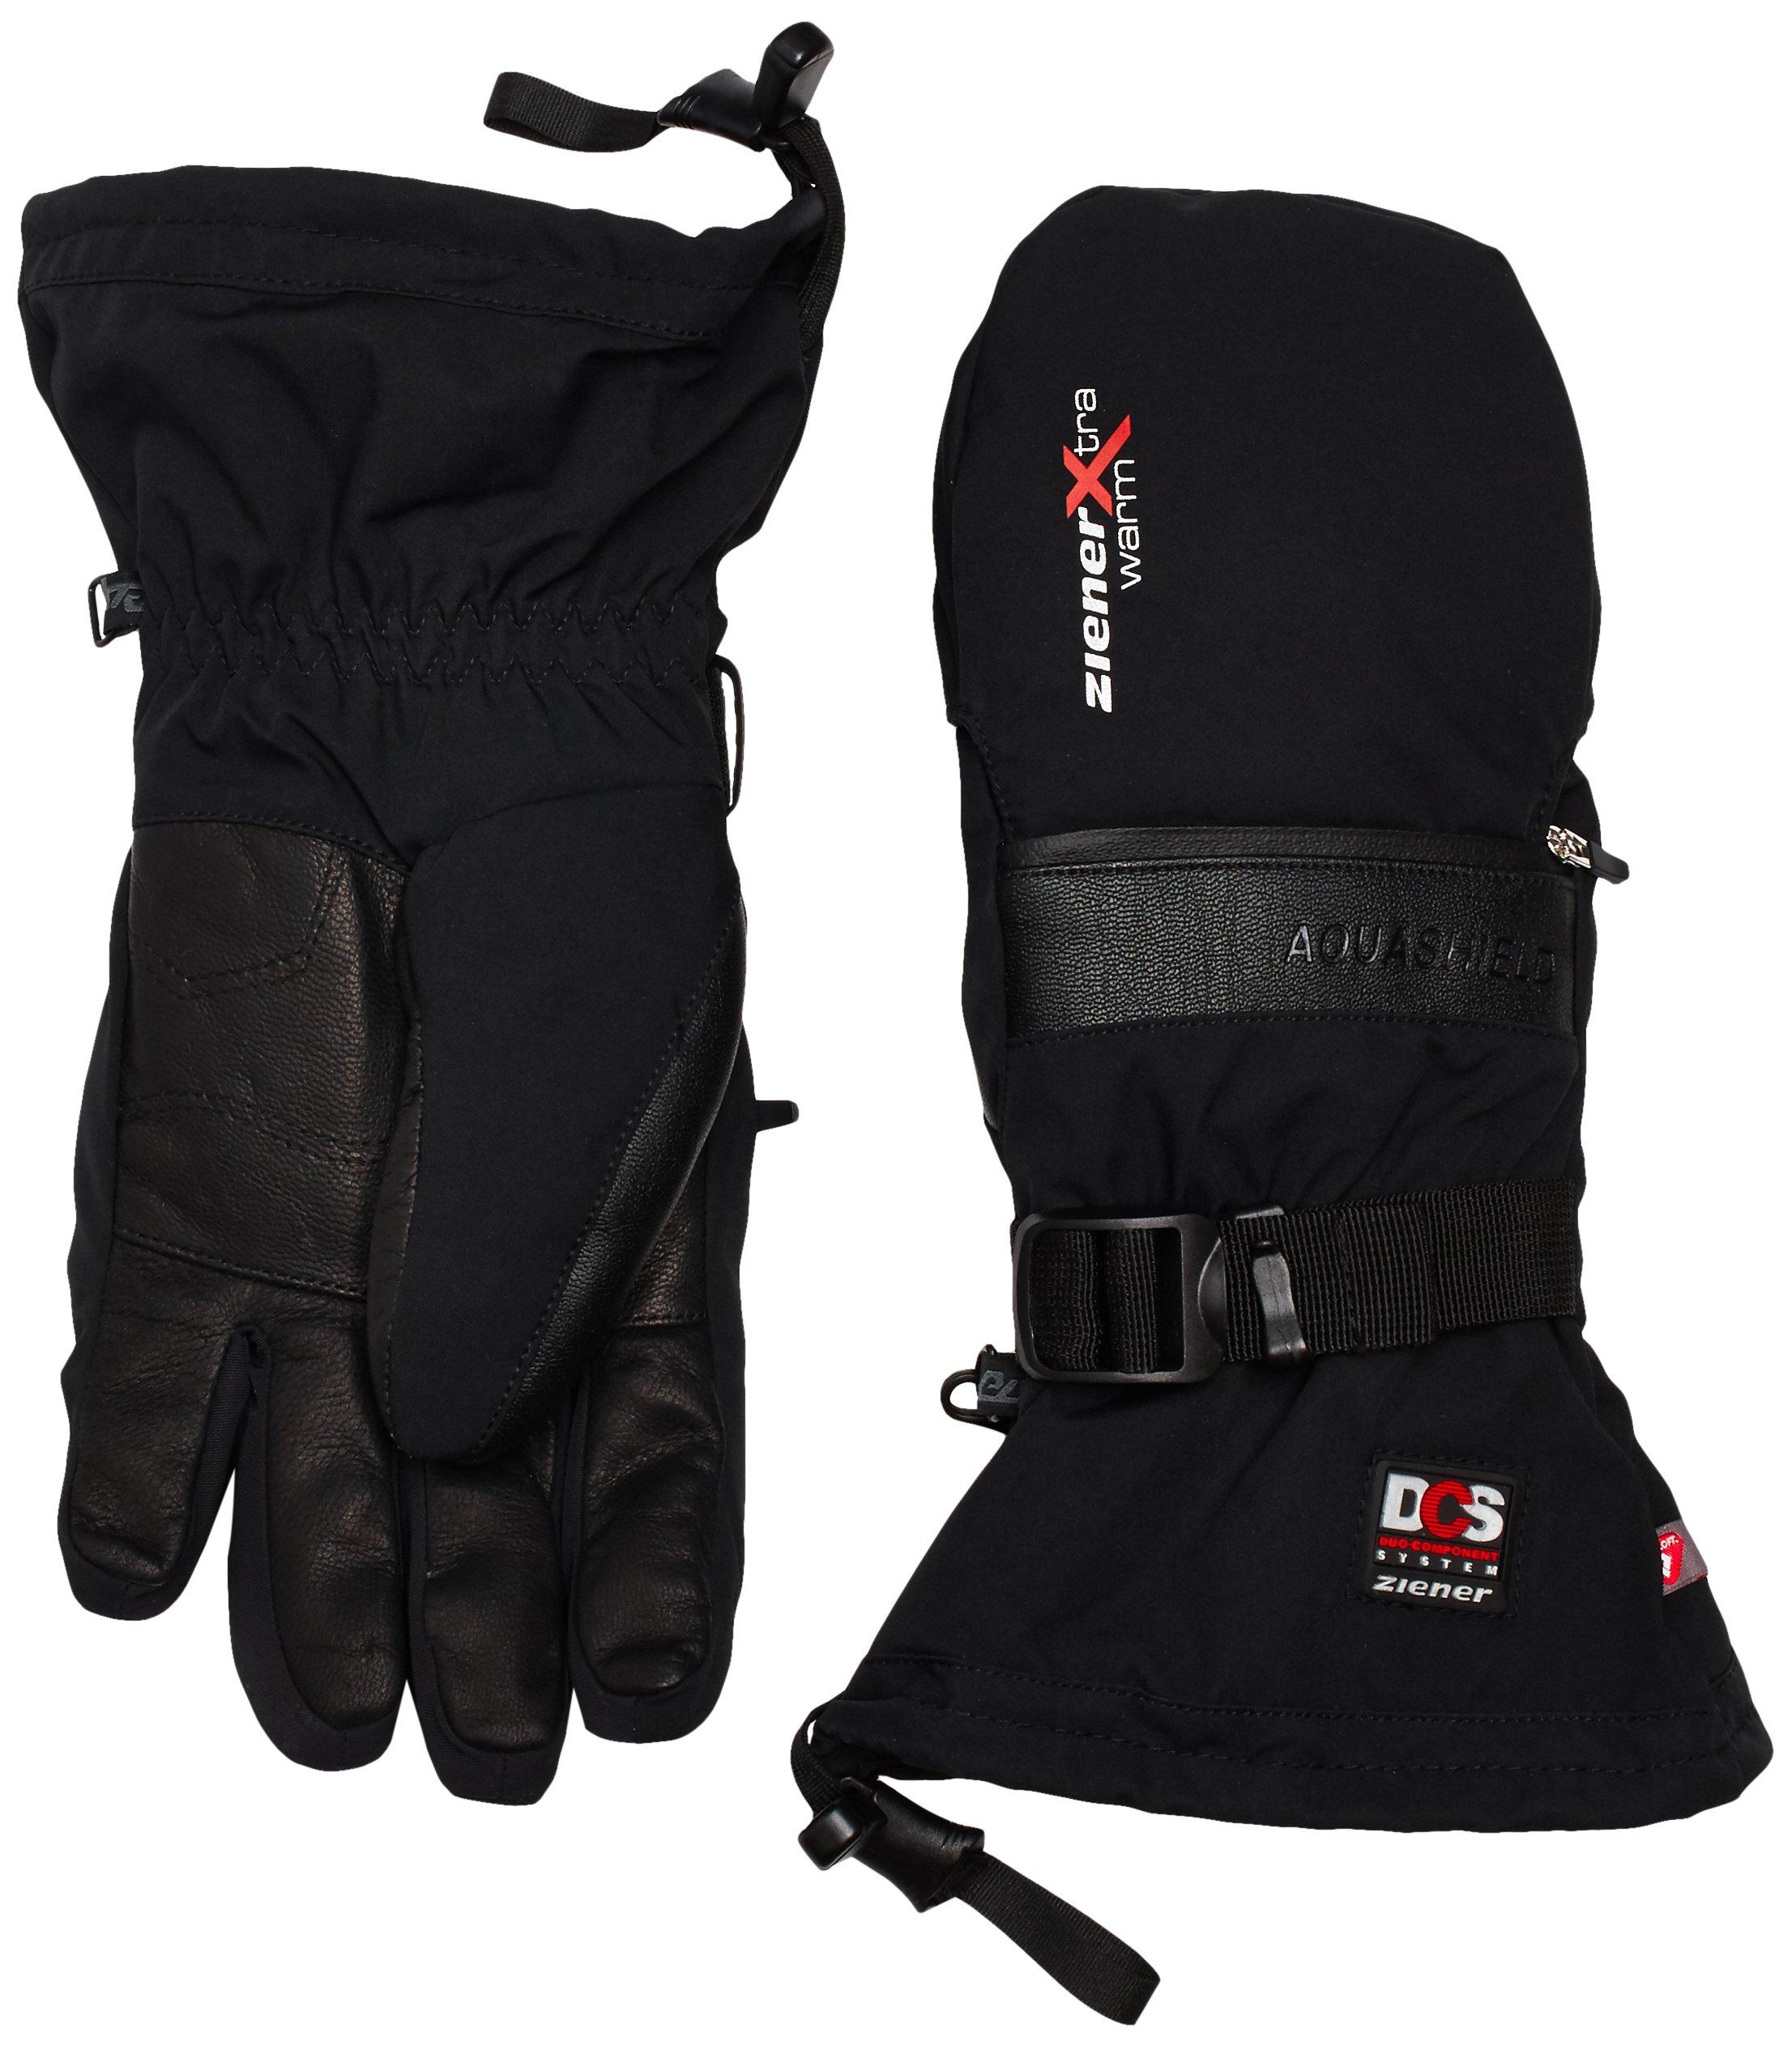 Ziener Gloves Gallin Pr As Dcs Ski Alpine Gloves